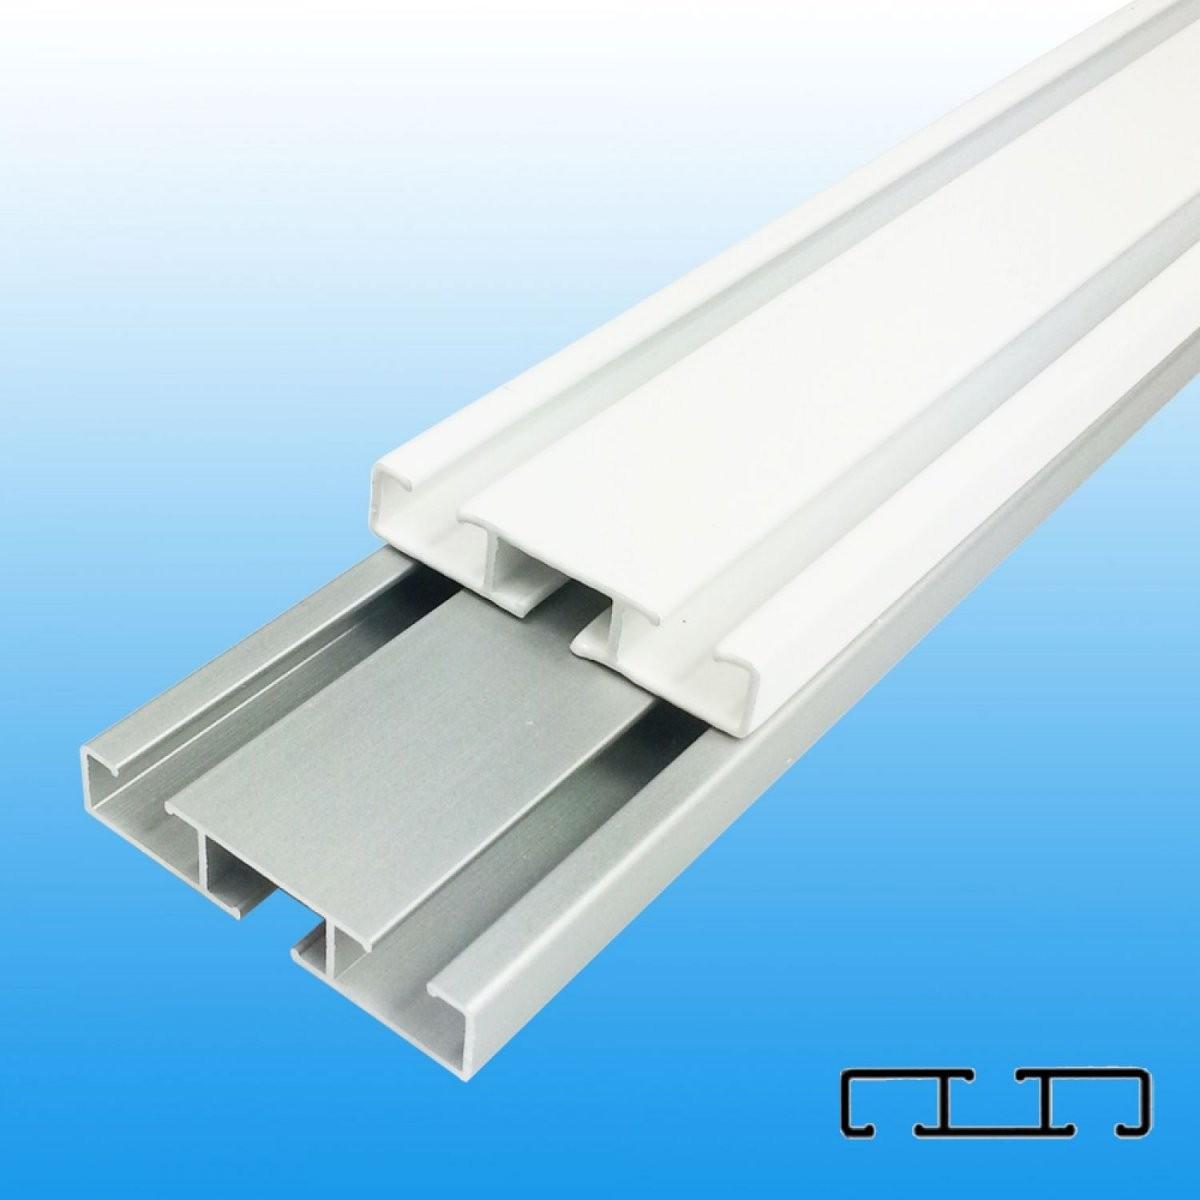 Aluminium Vorhangschiene Gardinenschiene Weißalu Wendeschiene 12 von Alu Gardinenschiene 1 Läufig Bild